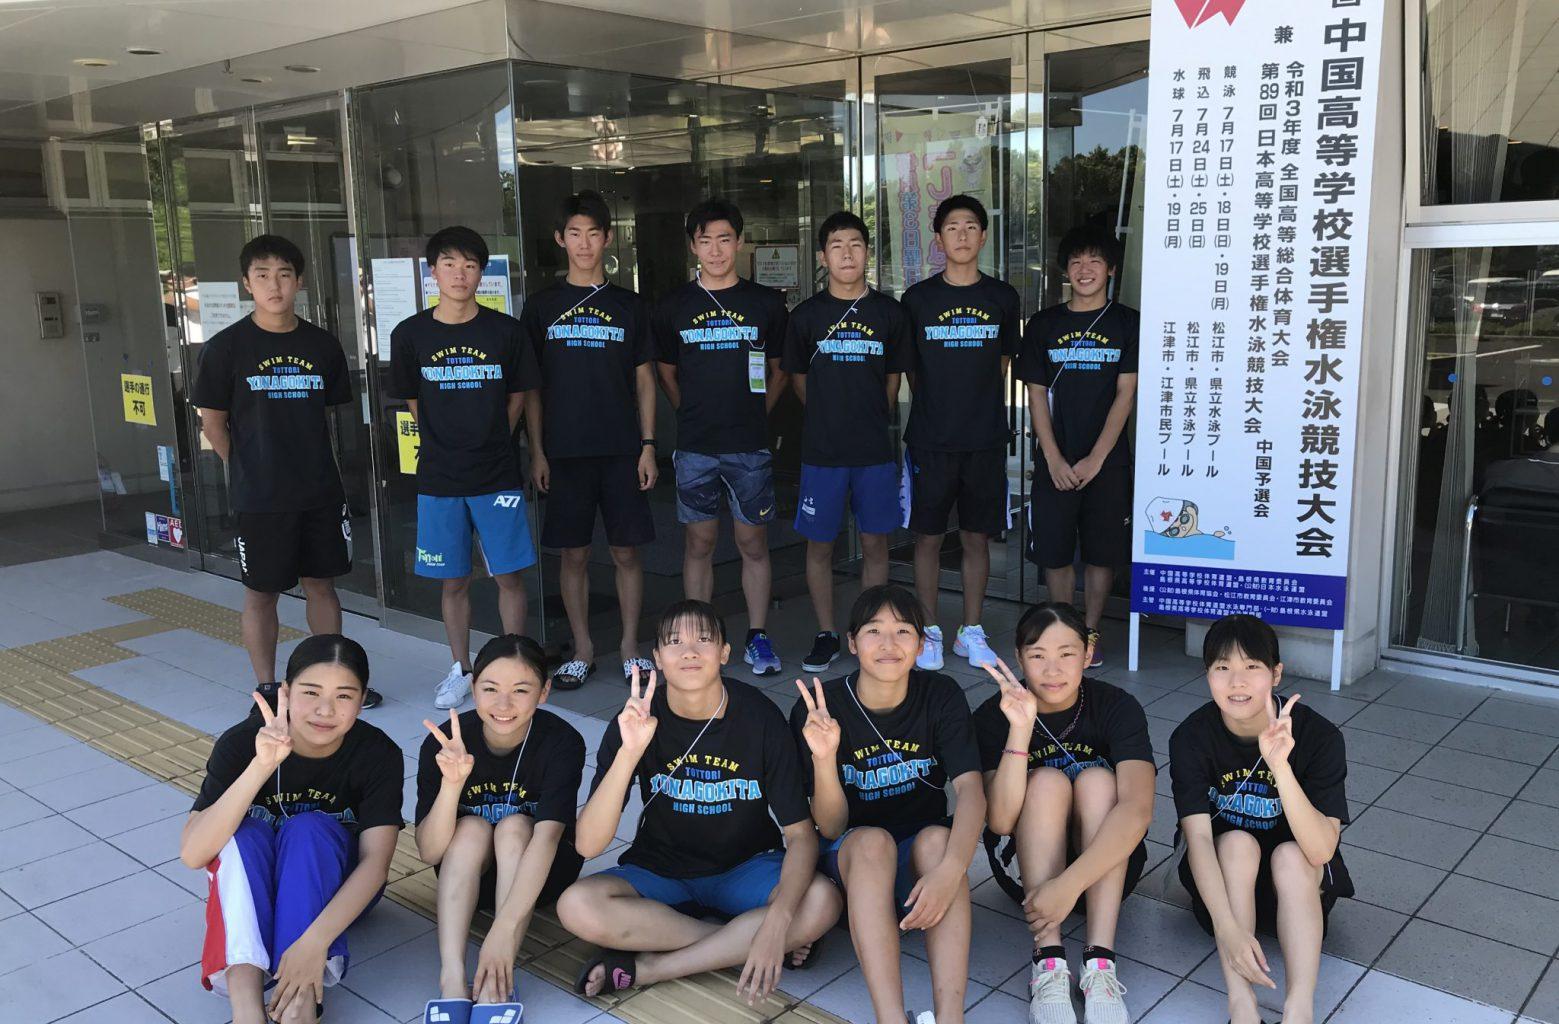 中国高等学校選手権水泳競技大会に参加しました